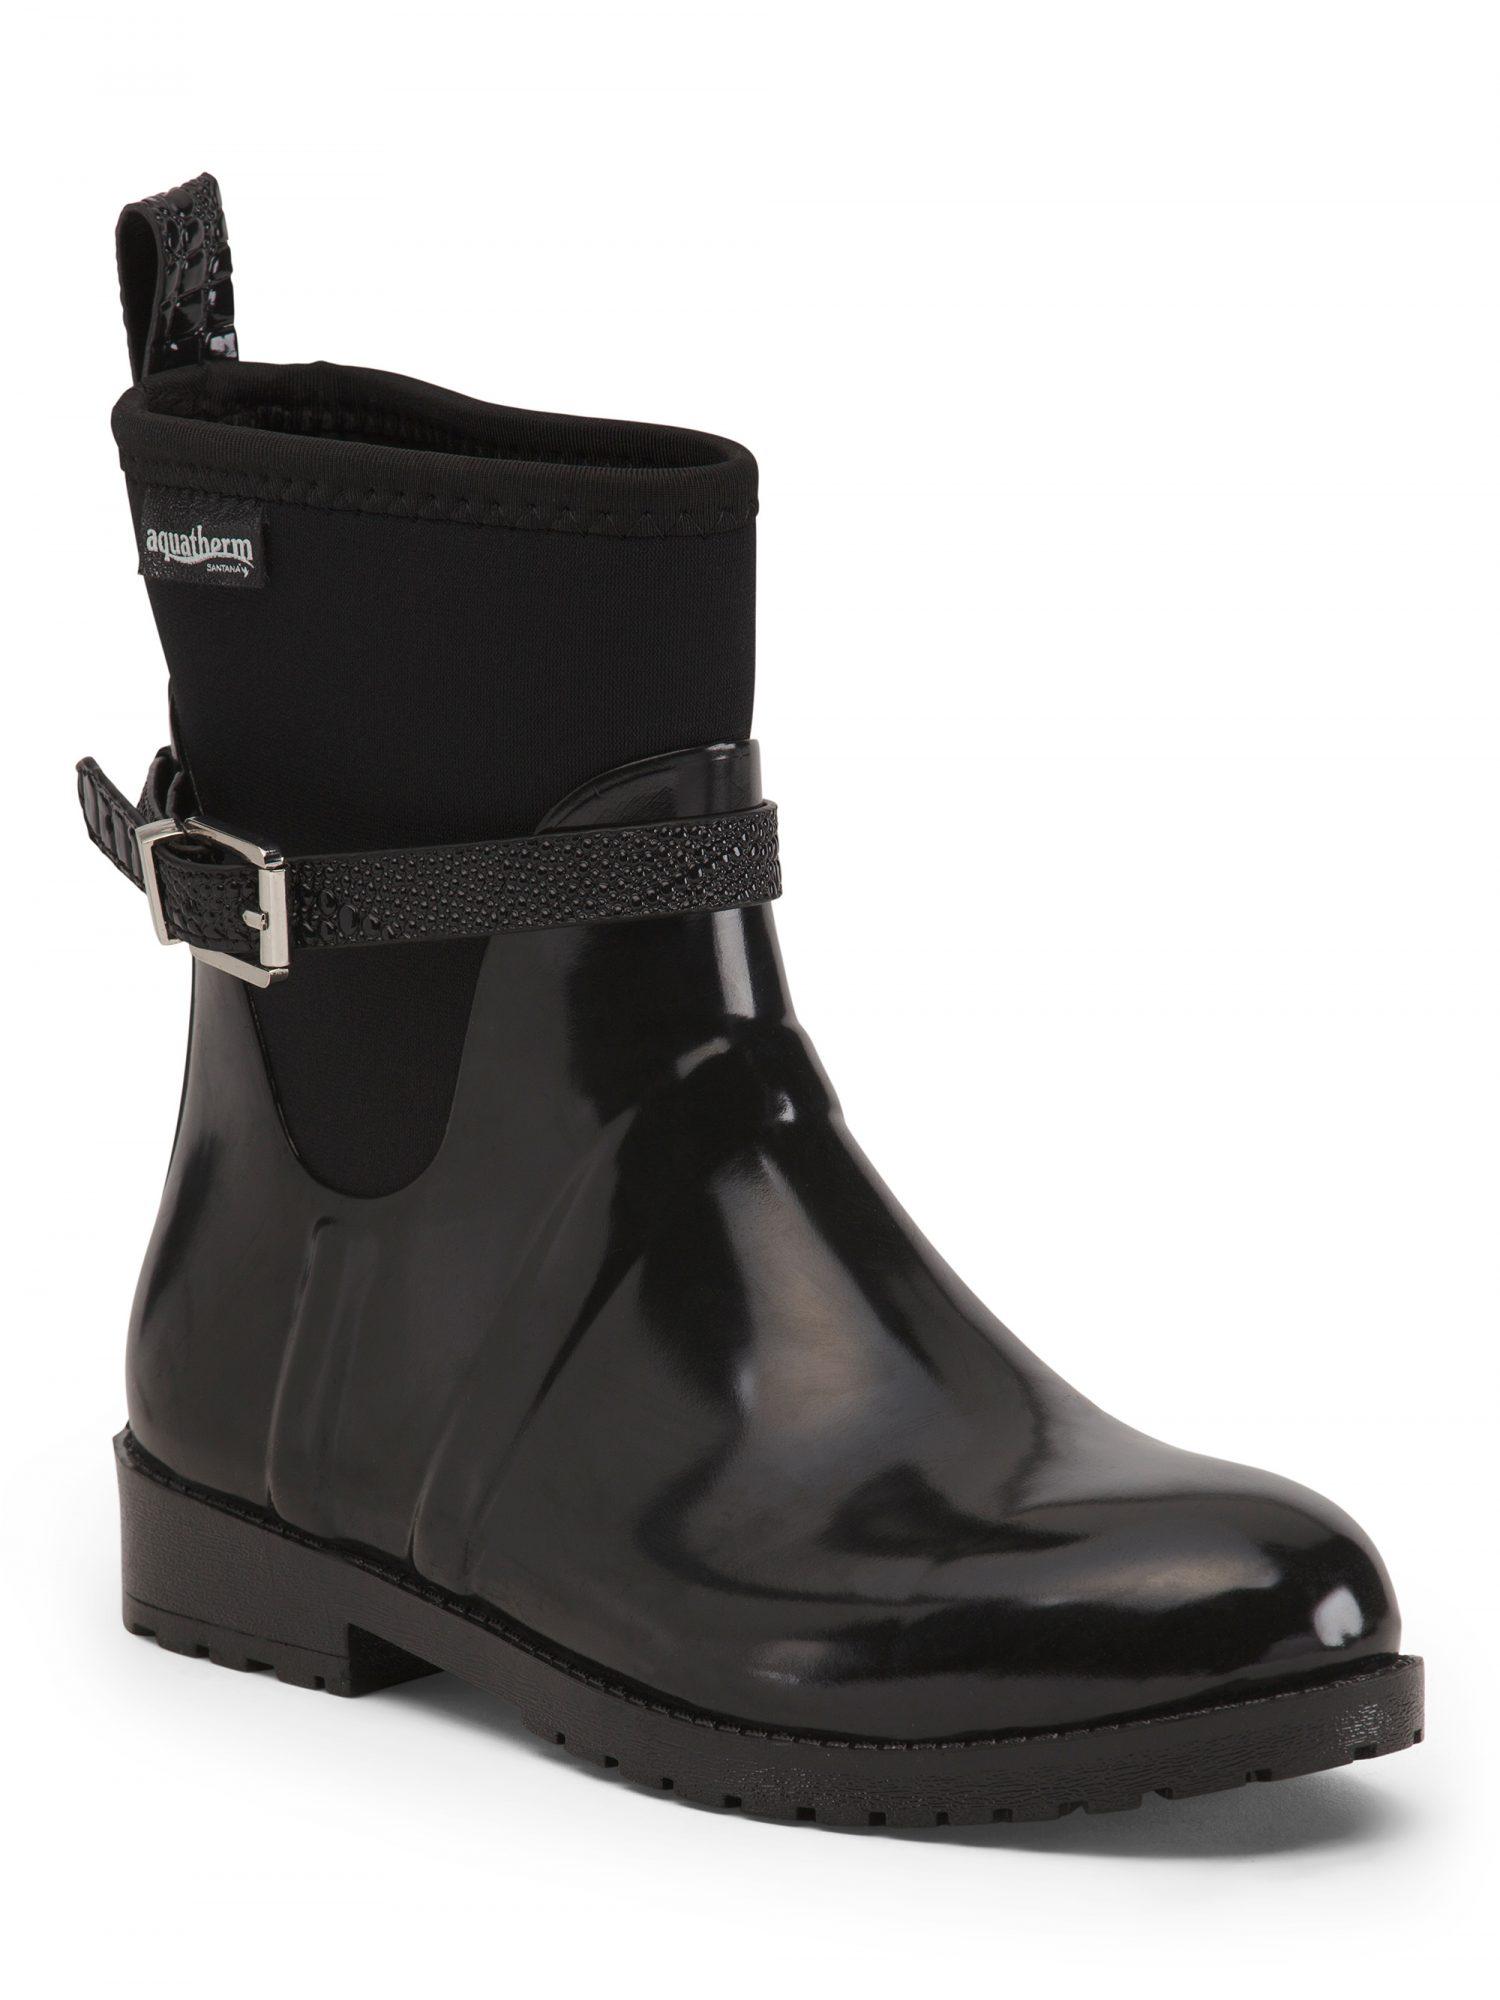 Tjmaxx boots